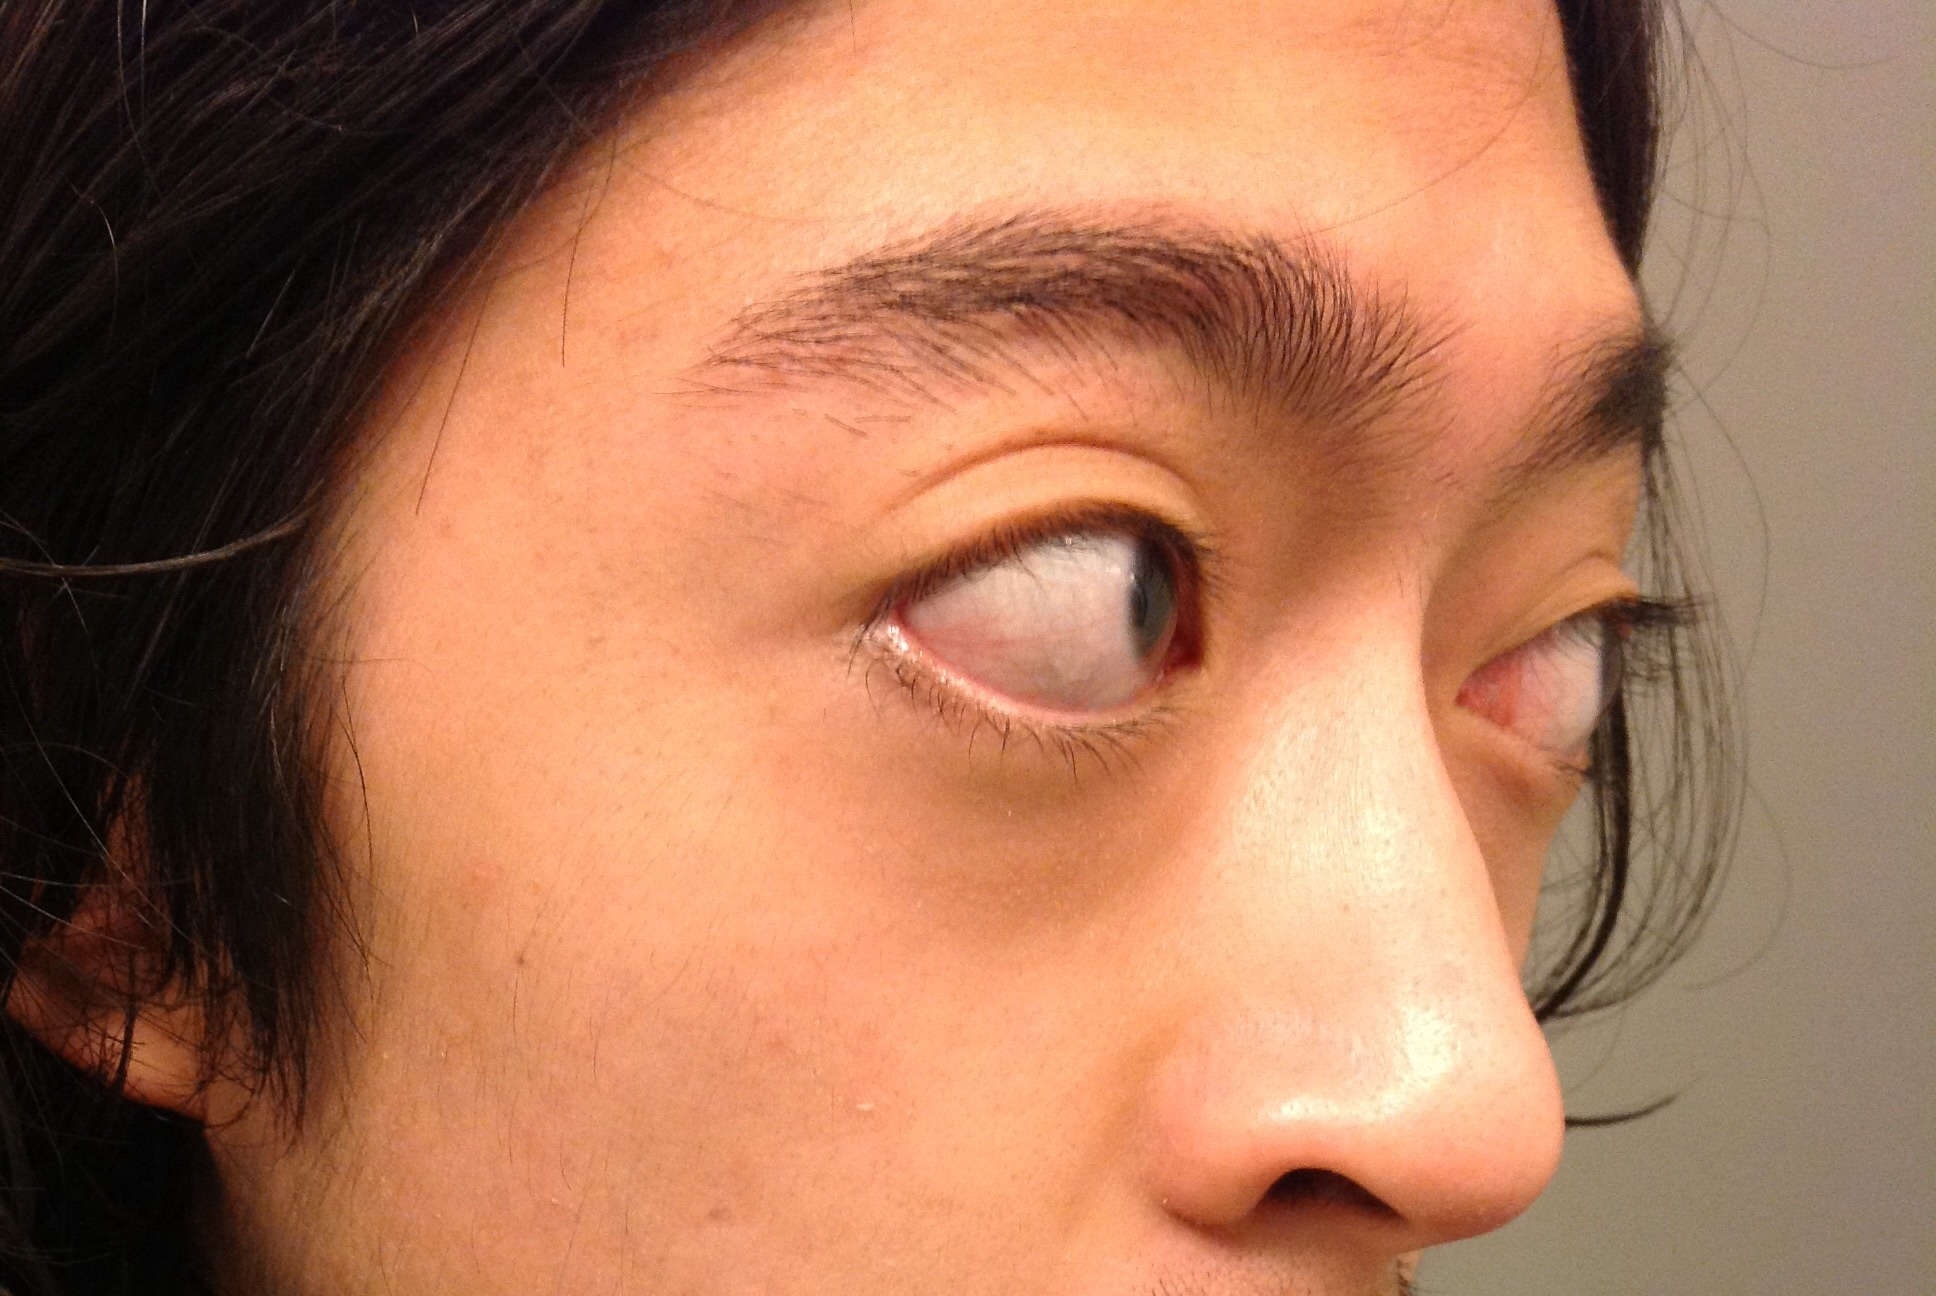 Mắt lồi bẩm sinh phải làm sao?